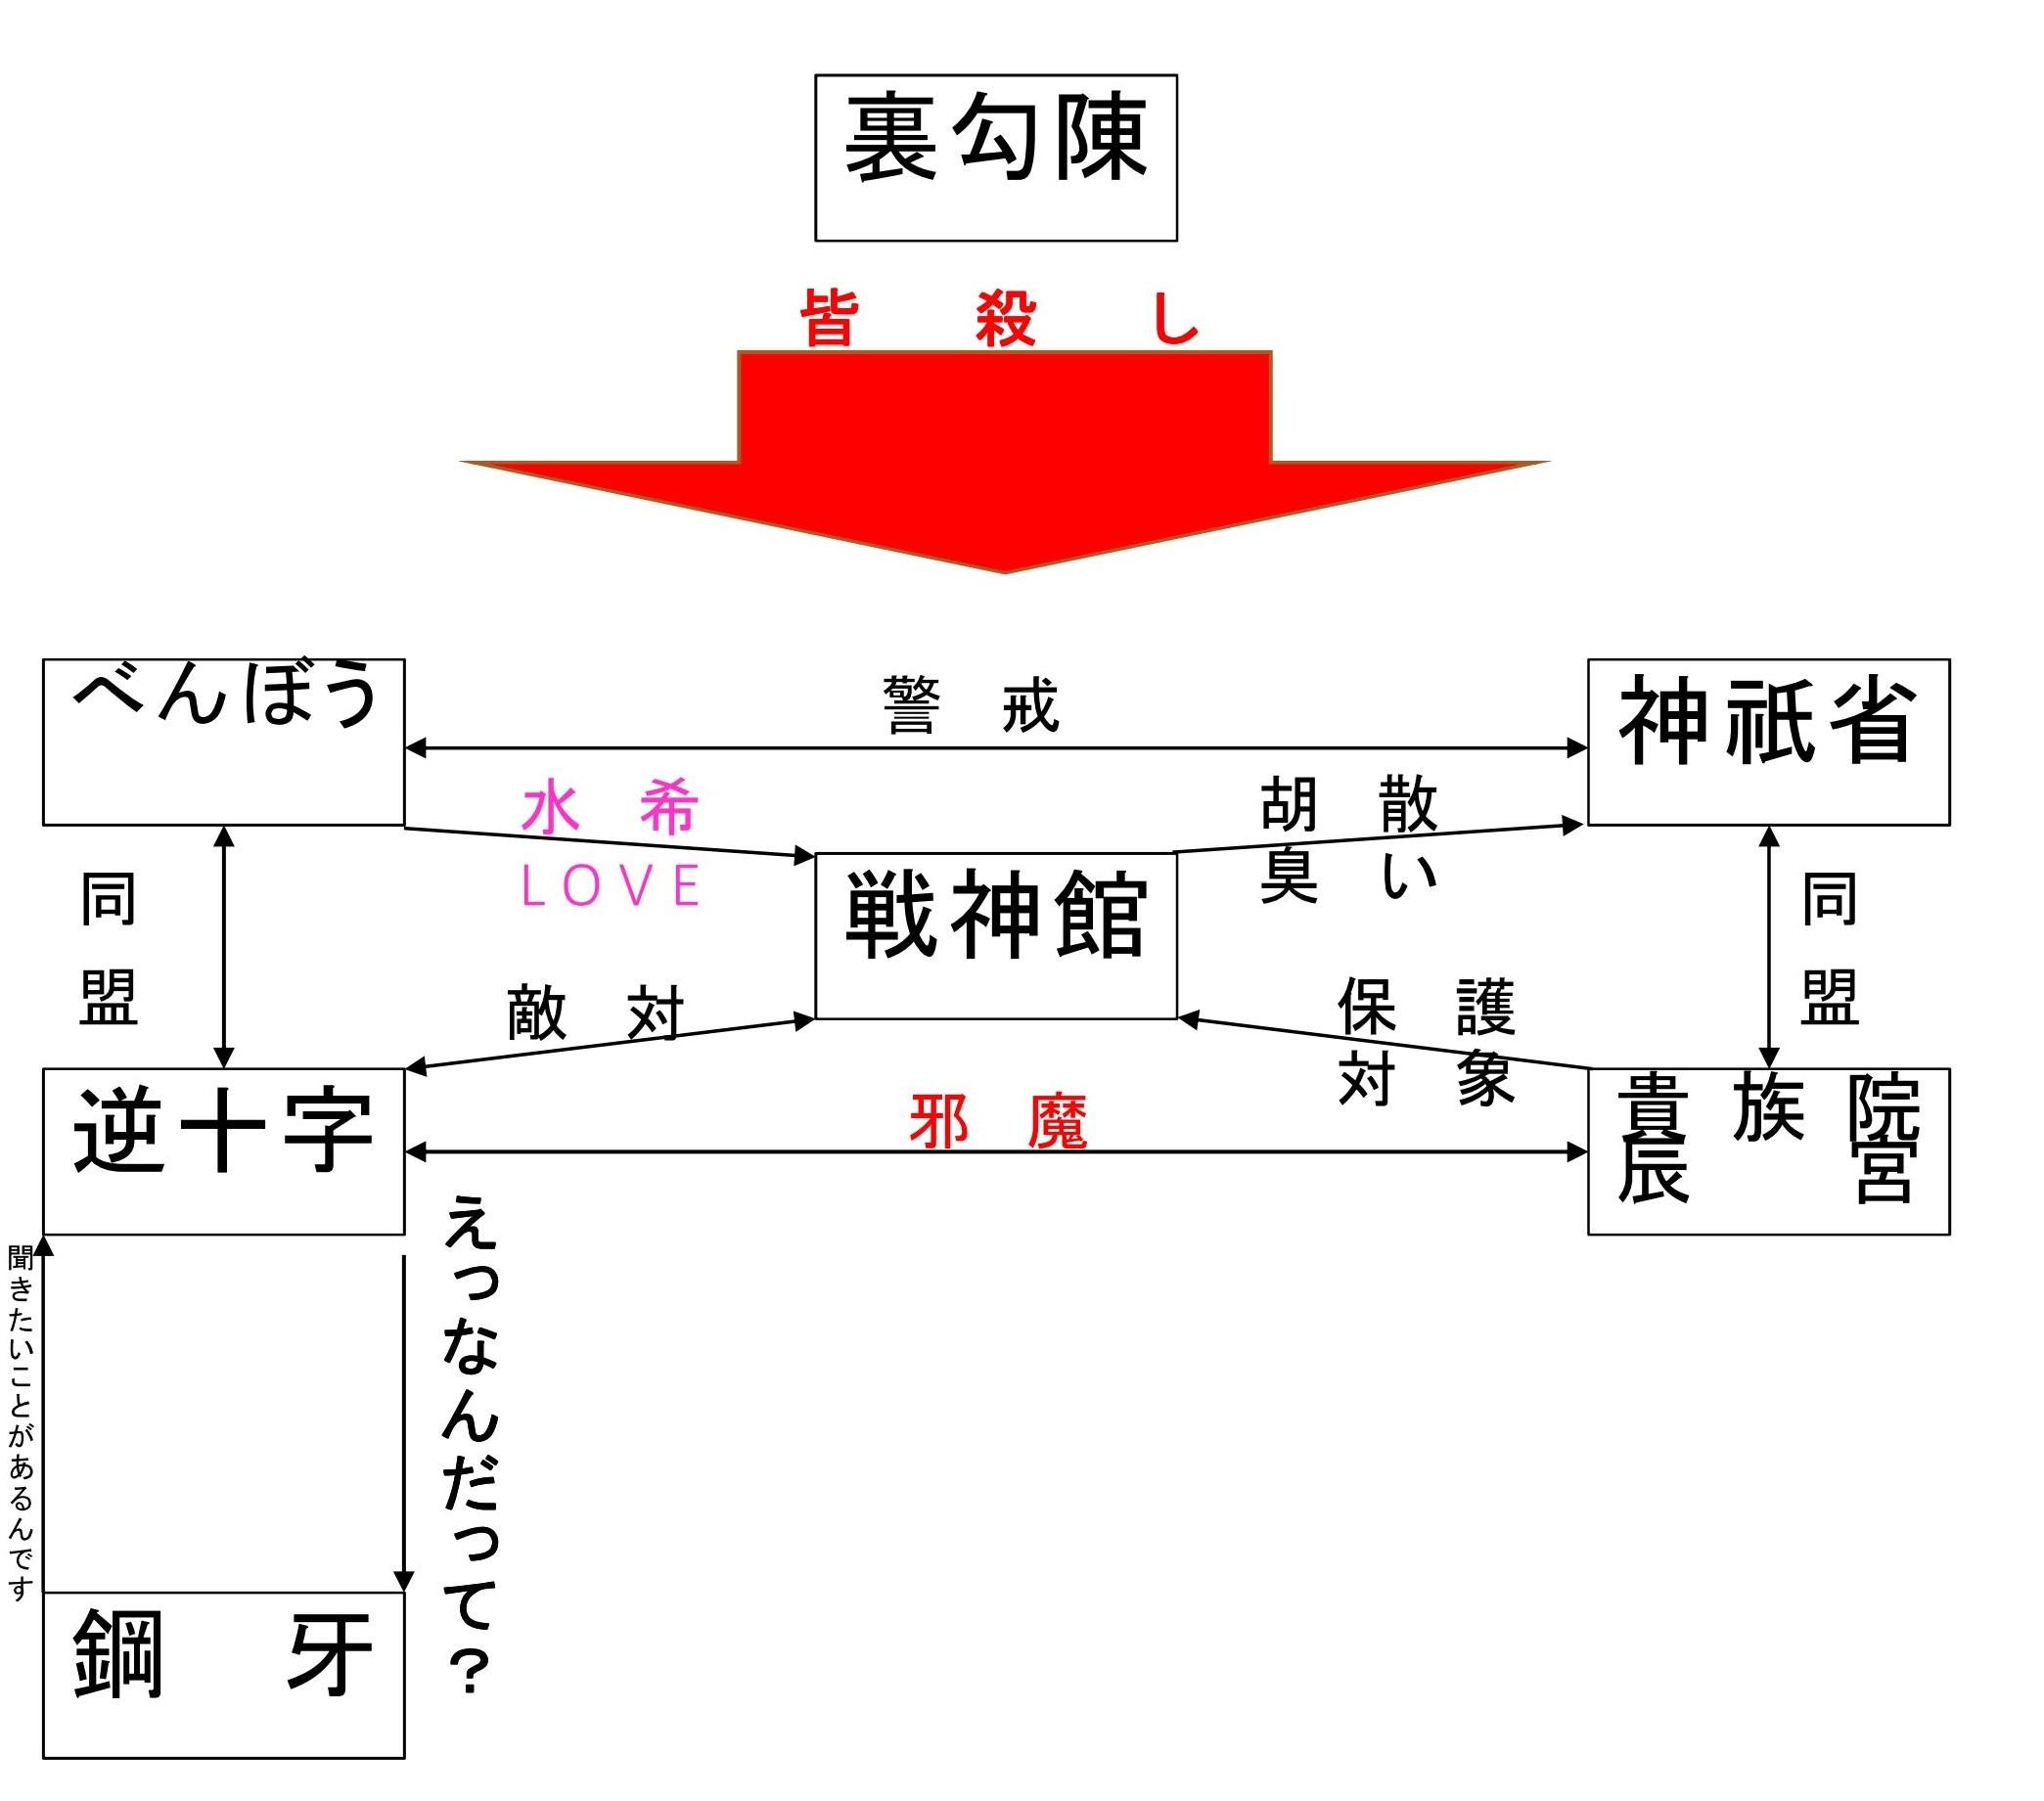 勢力図Ver21